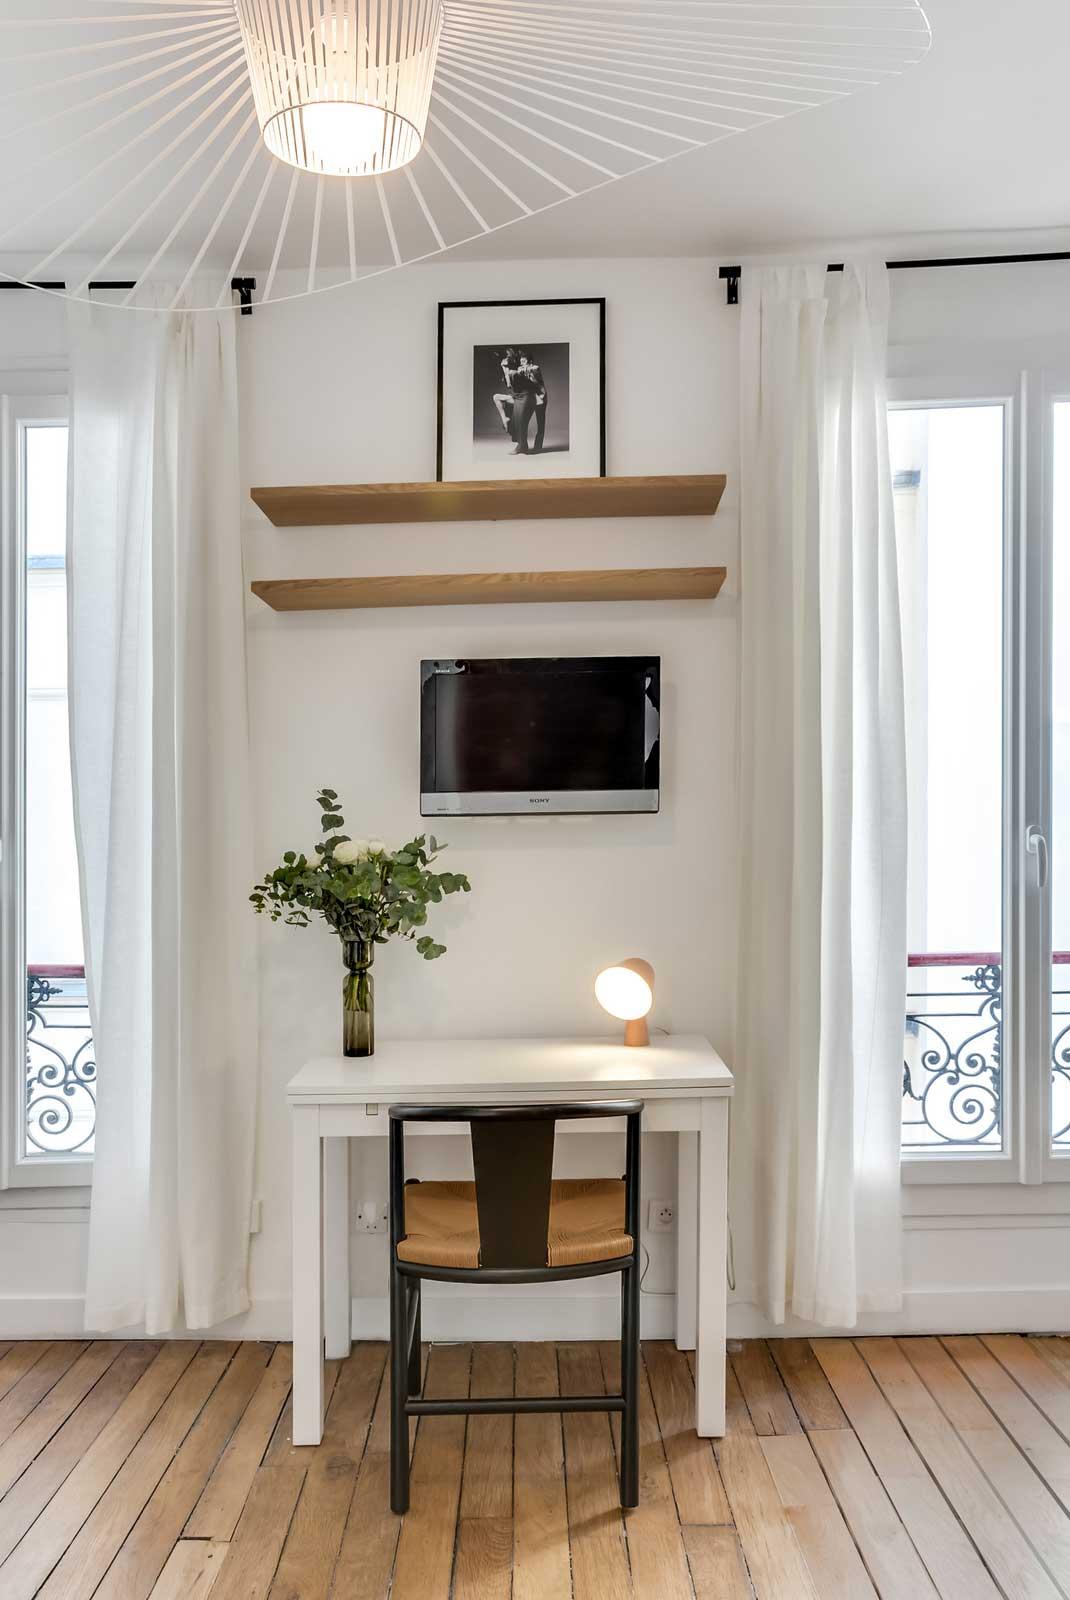 comment cr er une chambre dans un studio sans avoir recours un mur. Black Bedroom Furniture Sets. Home Design Ideas